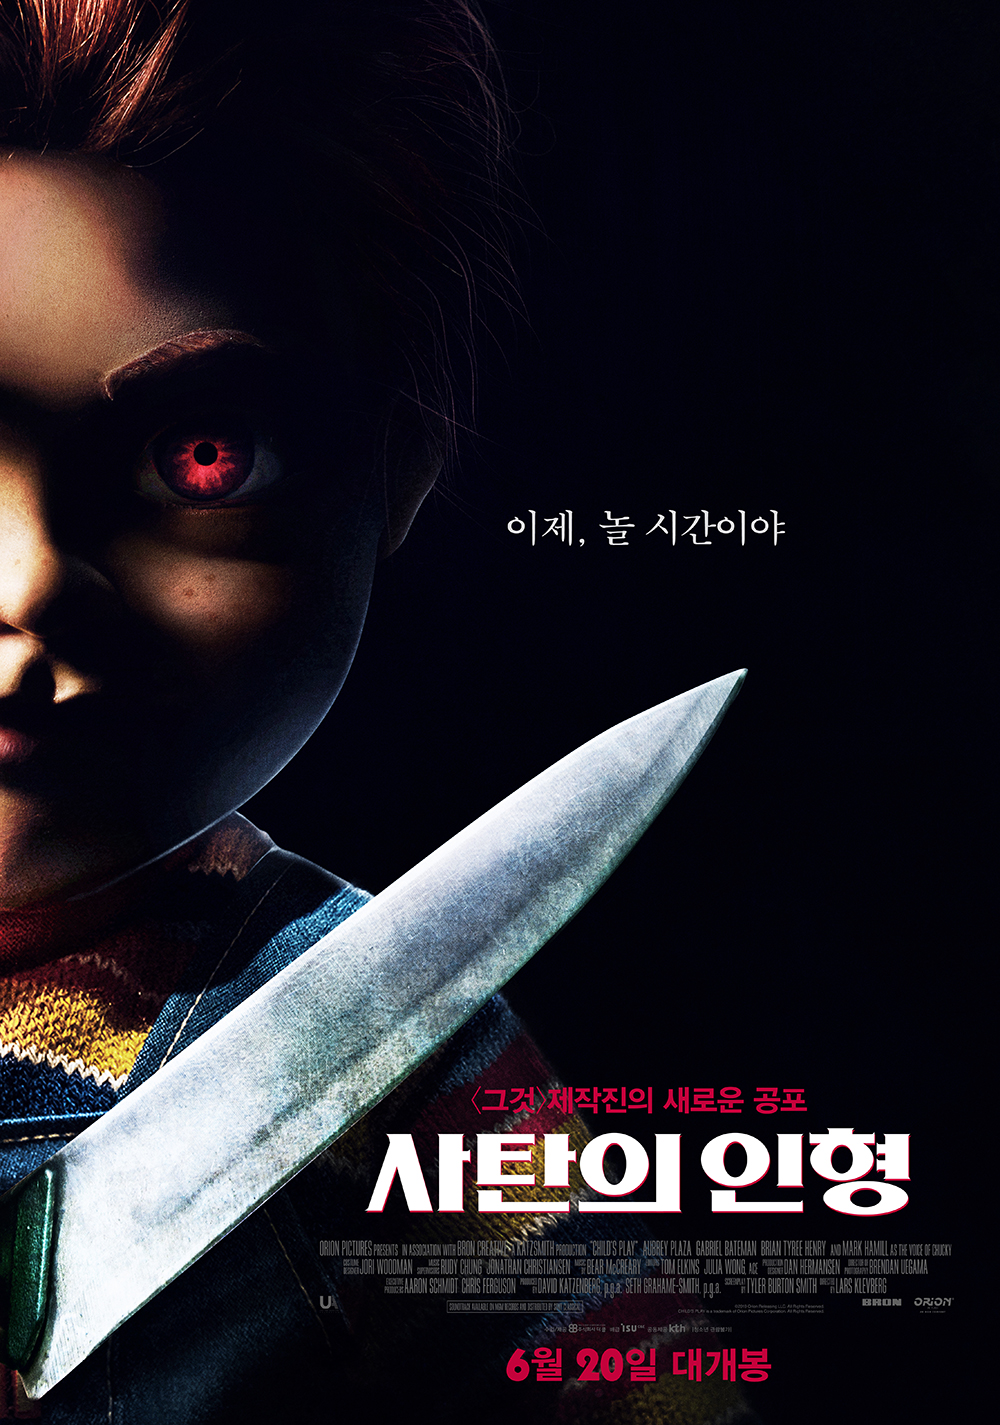 영화 '사탄의 인형'이 31년 만에 리부트로 다시 돌아왔다. 1편의 아성을 무너뜨리기에는 갈 길이 꽤 멀어 보인다.